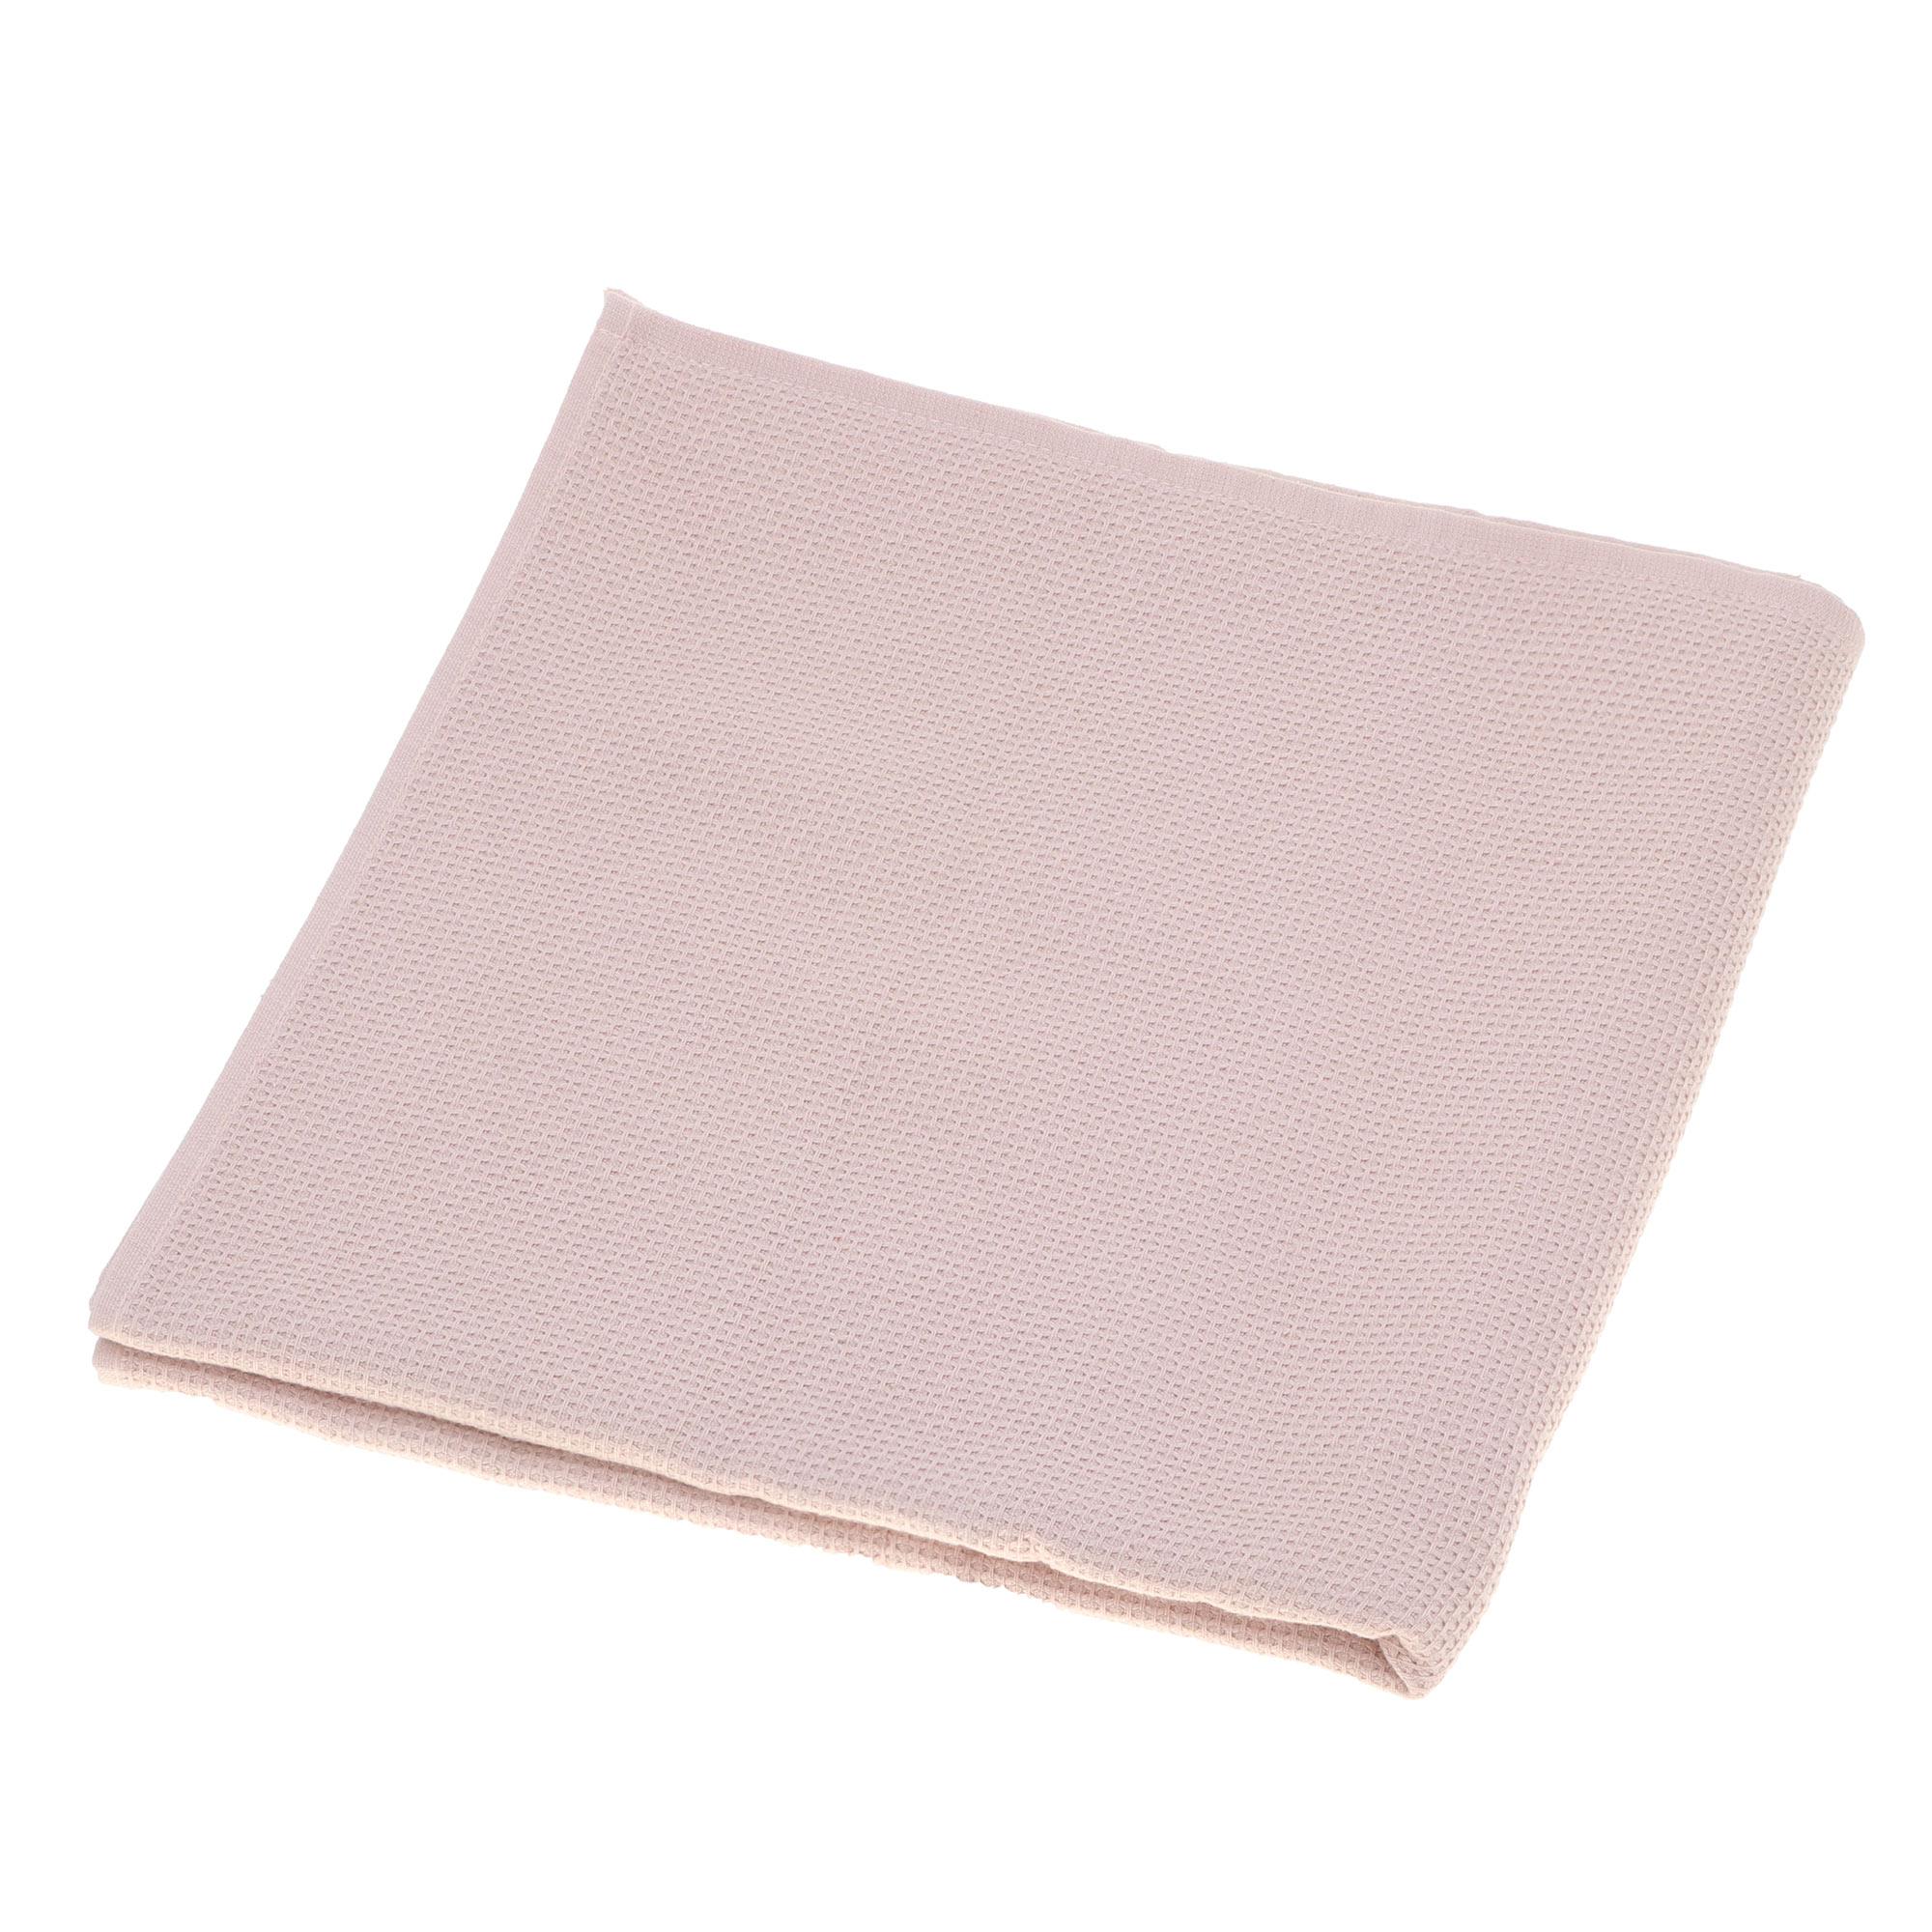 Полотенце двустороннее Asil powder 70x140 см полотенце двустороннее asil powder 70x140 см